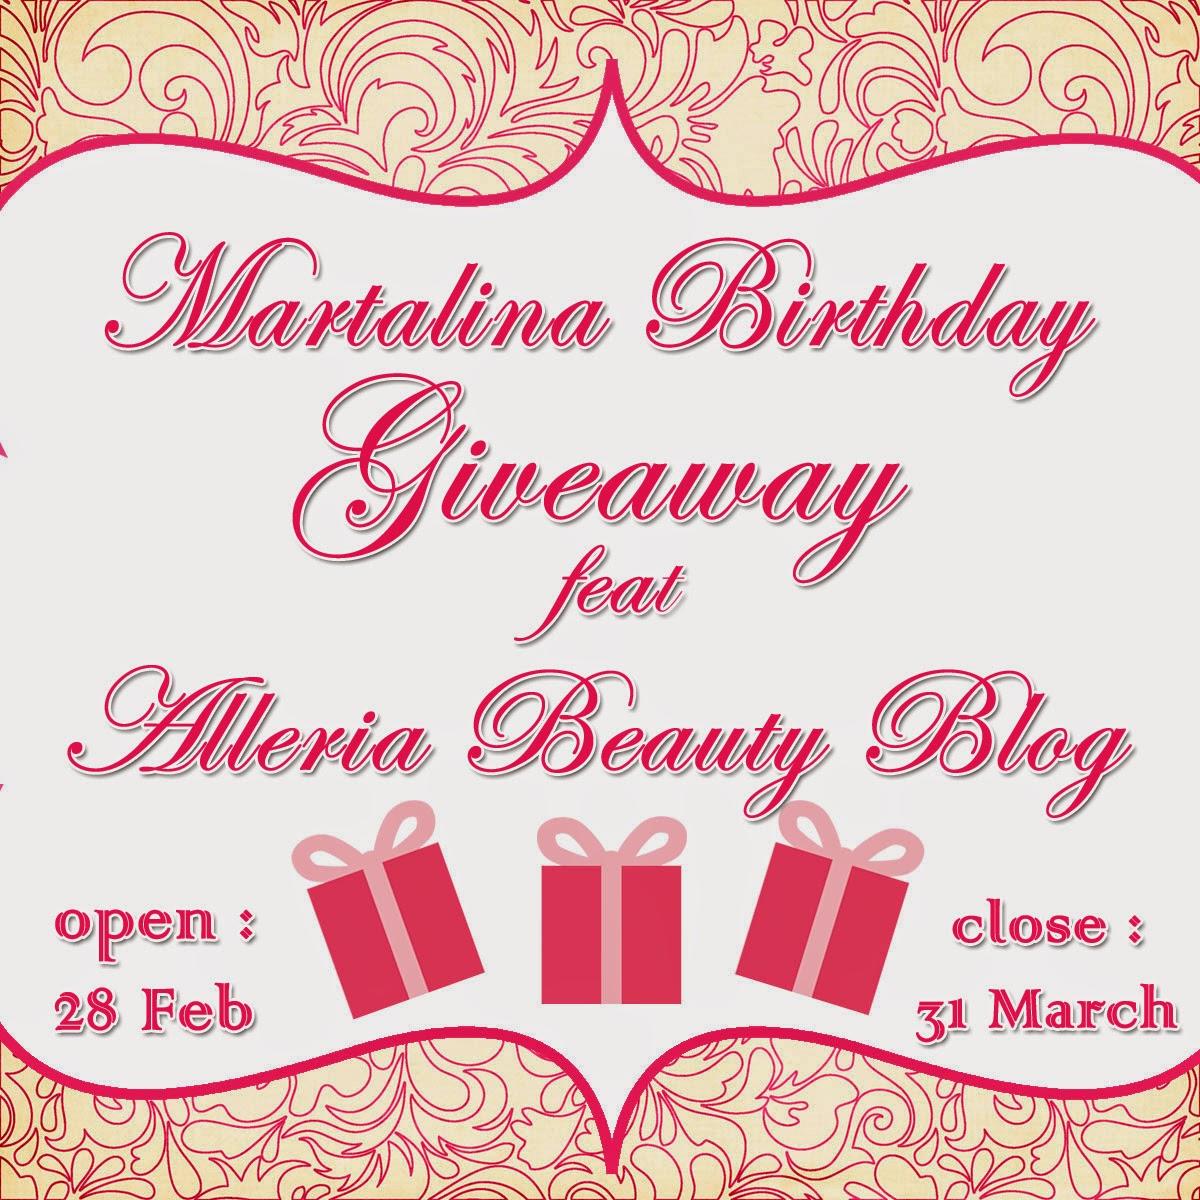 Martalina Birthday Giveaway